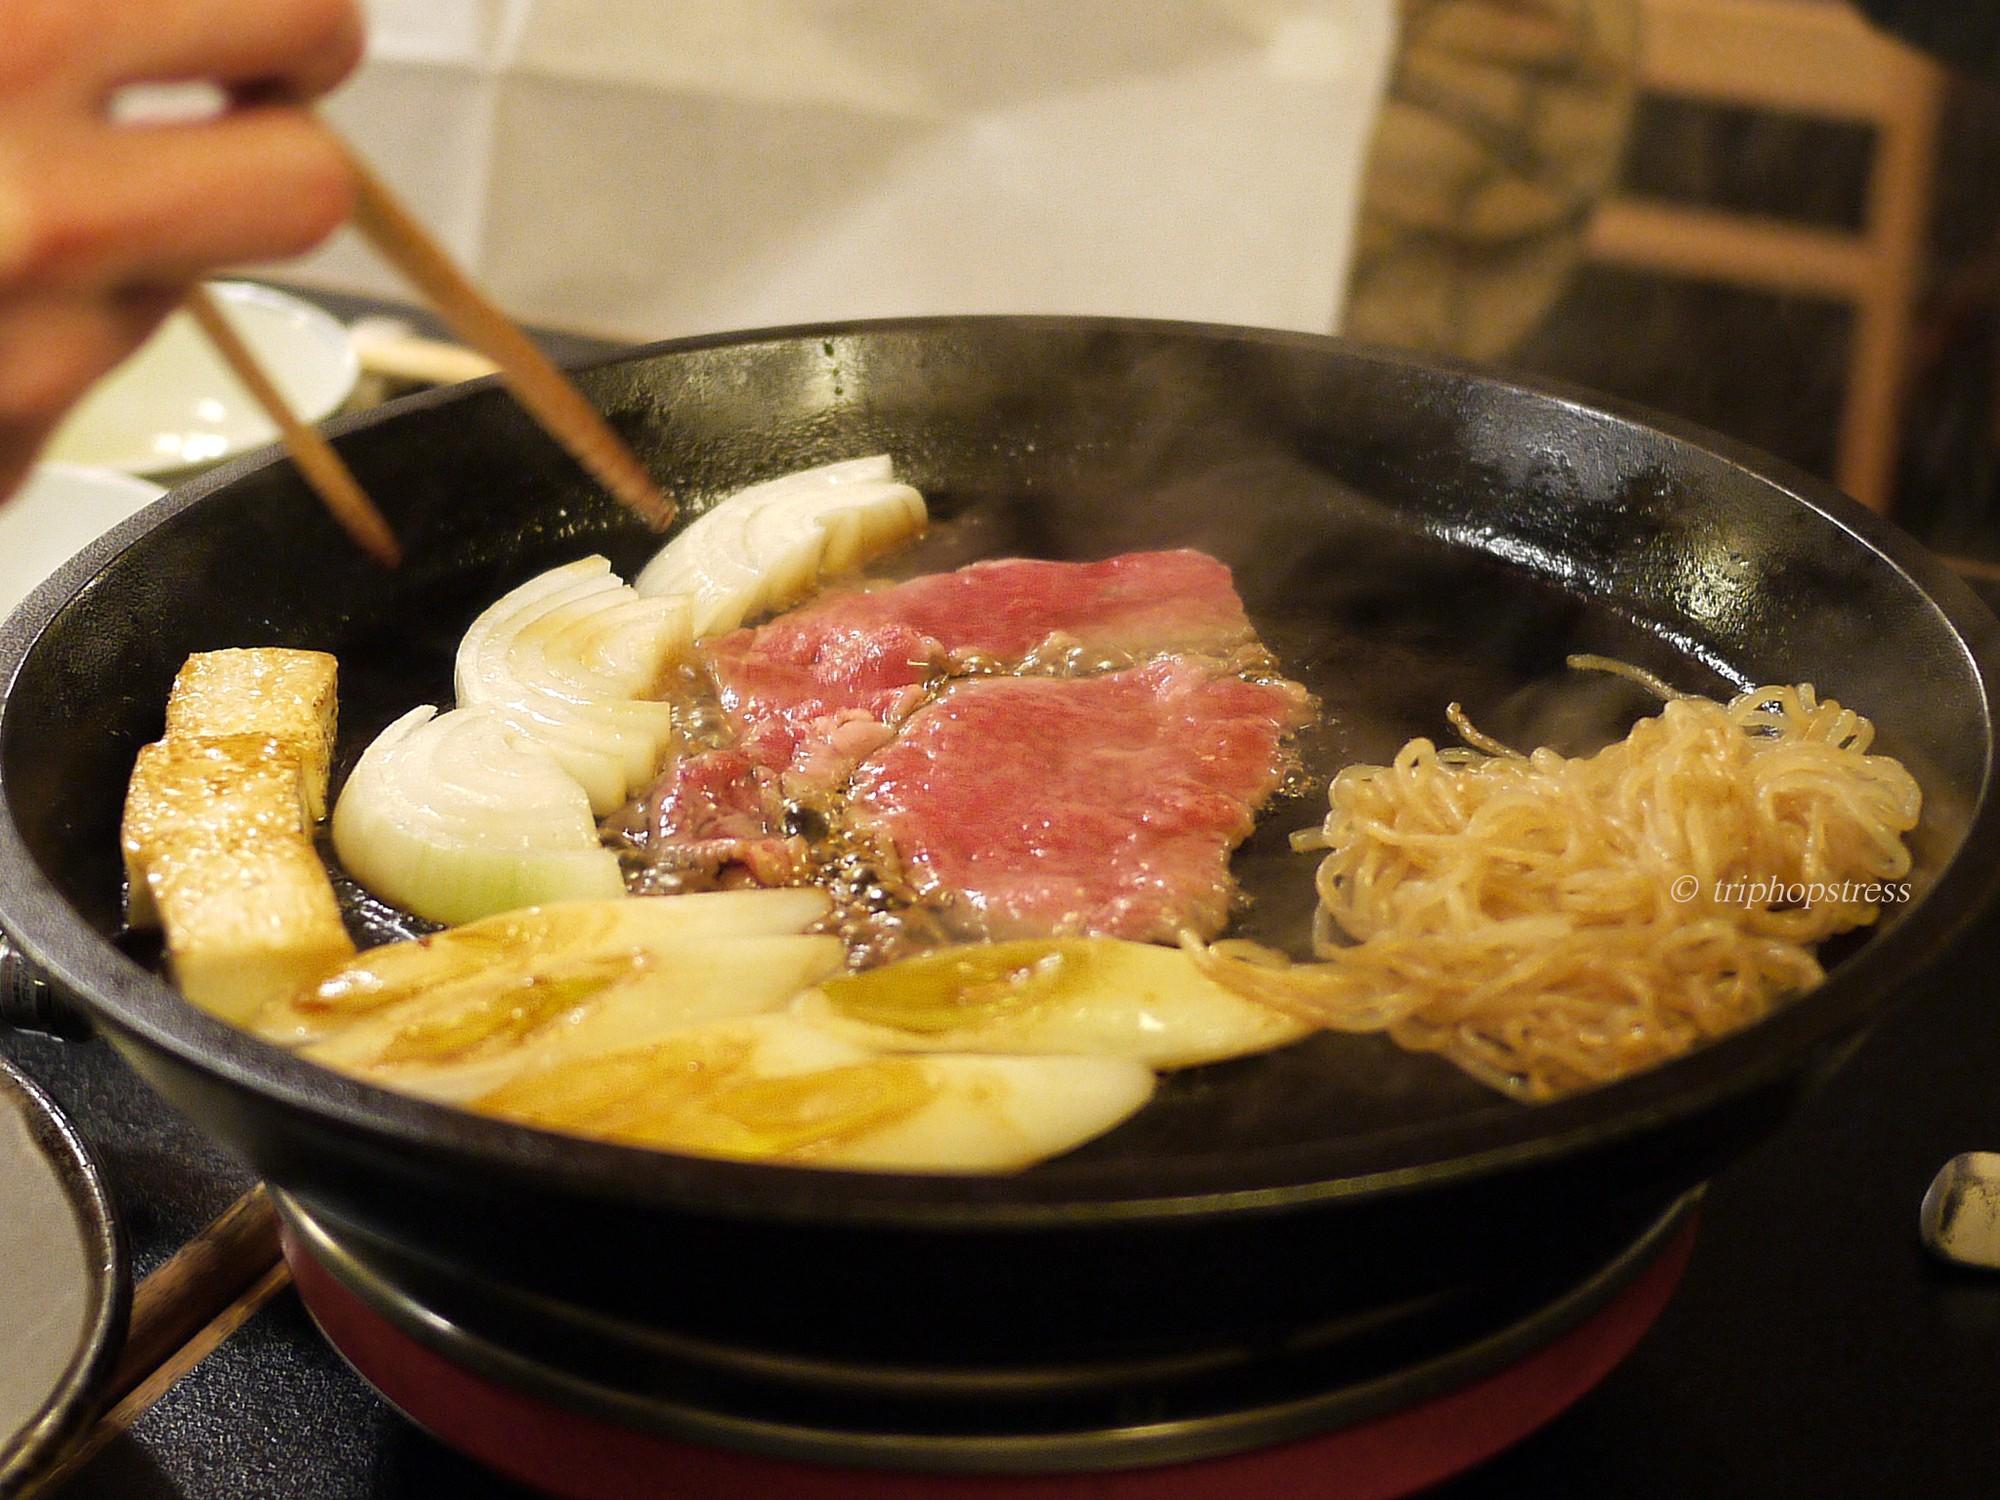 Người Nhật thích ăn trứng sống đến mức nào, xem list này sẽ rõ - Ảnh 2.